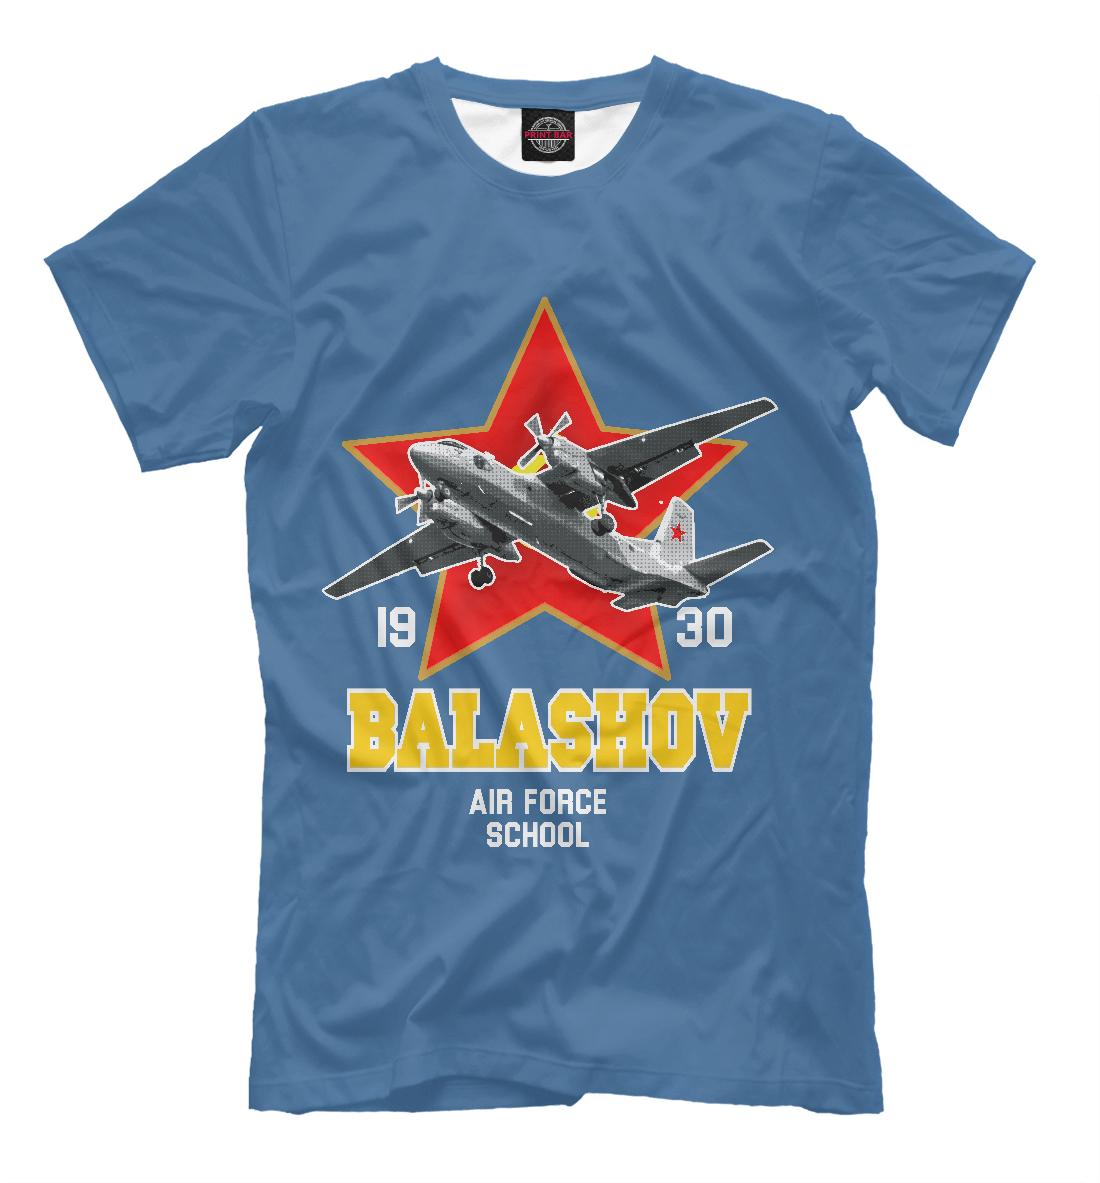 Купить Балашовское высшее военное авиационное училище, Printbar, Футболки, VVS-419106-fut-2